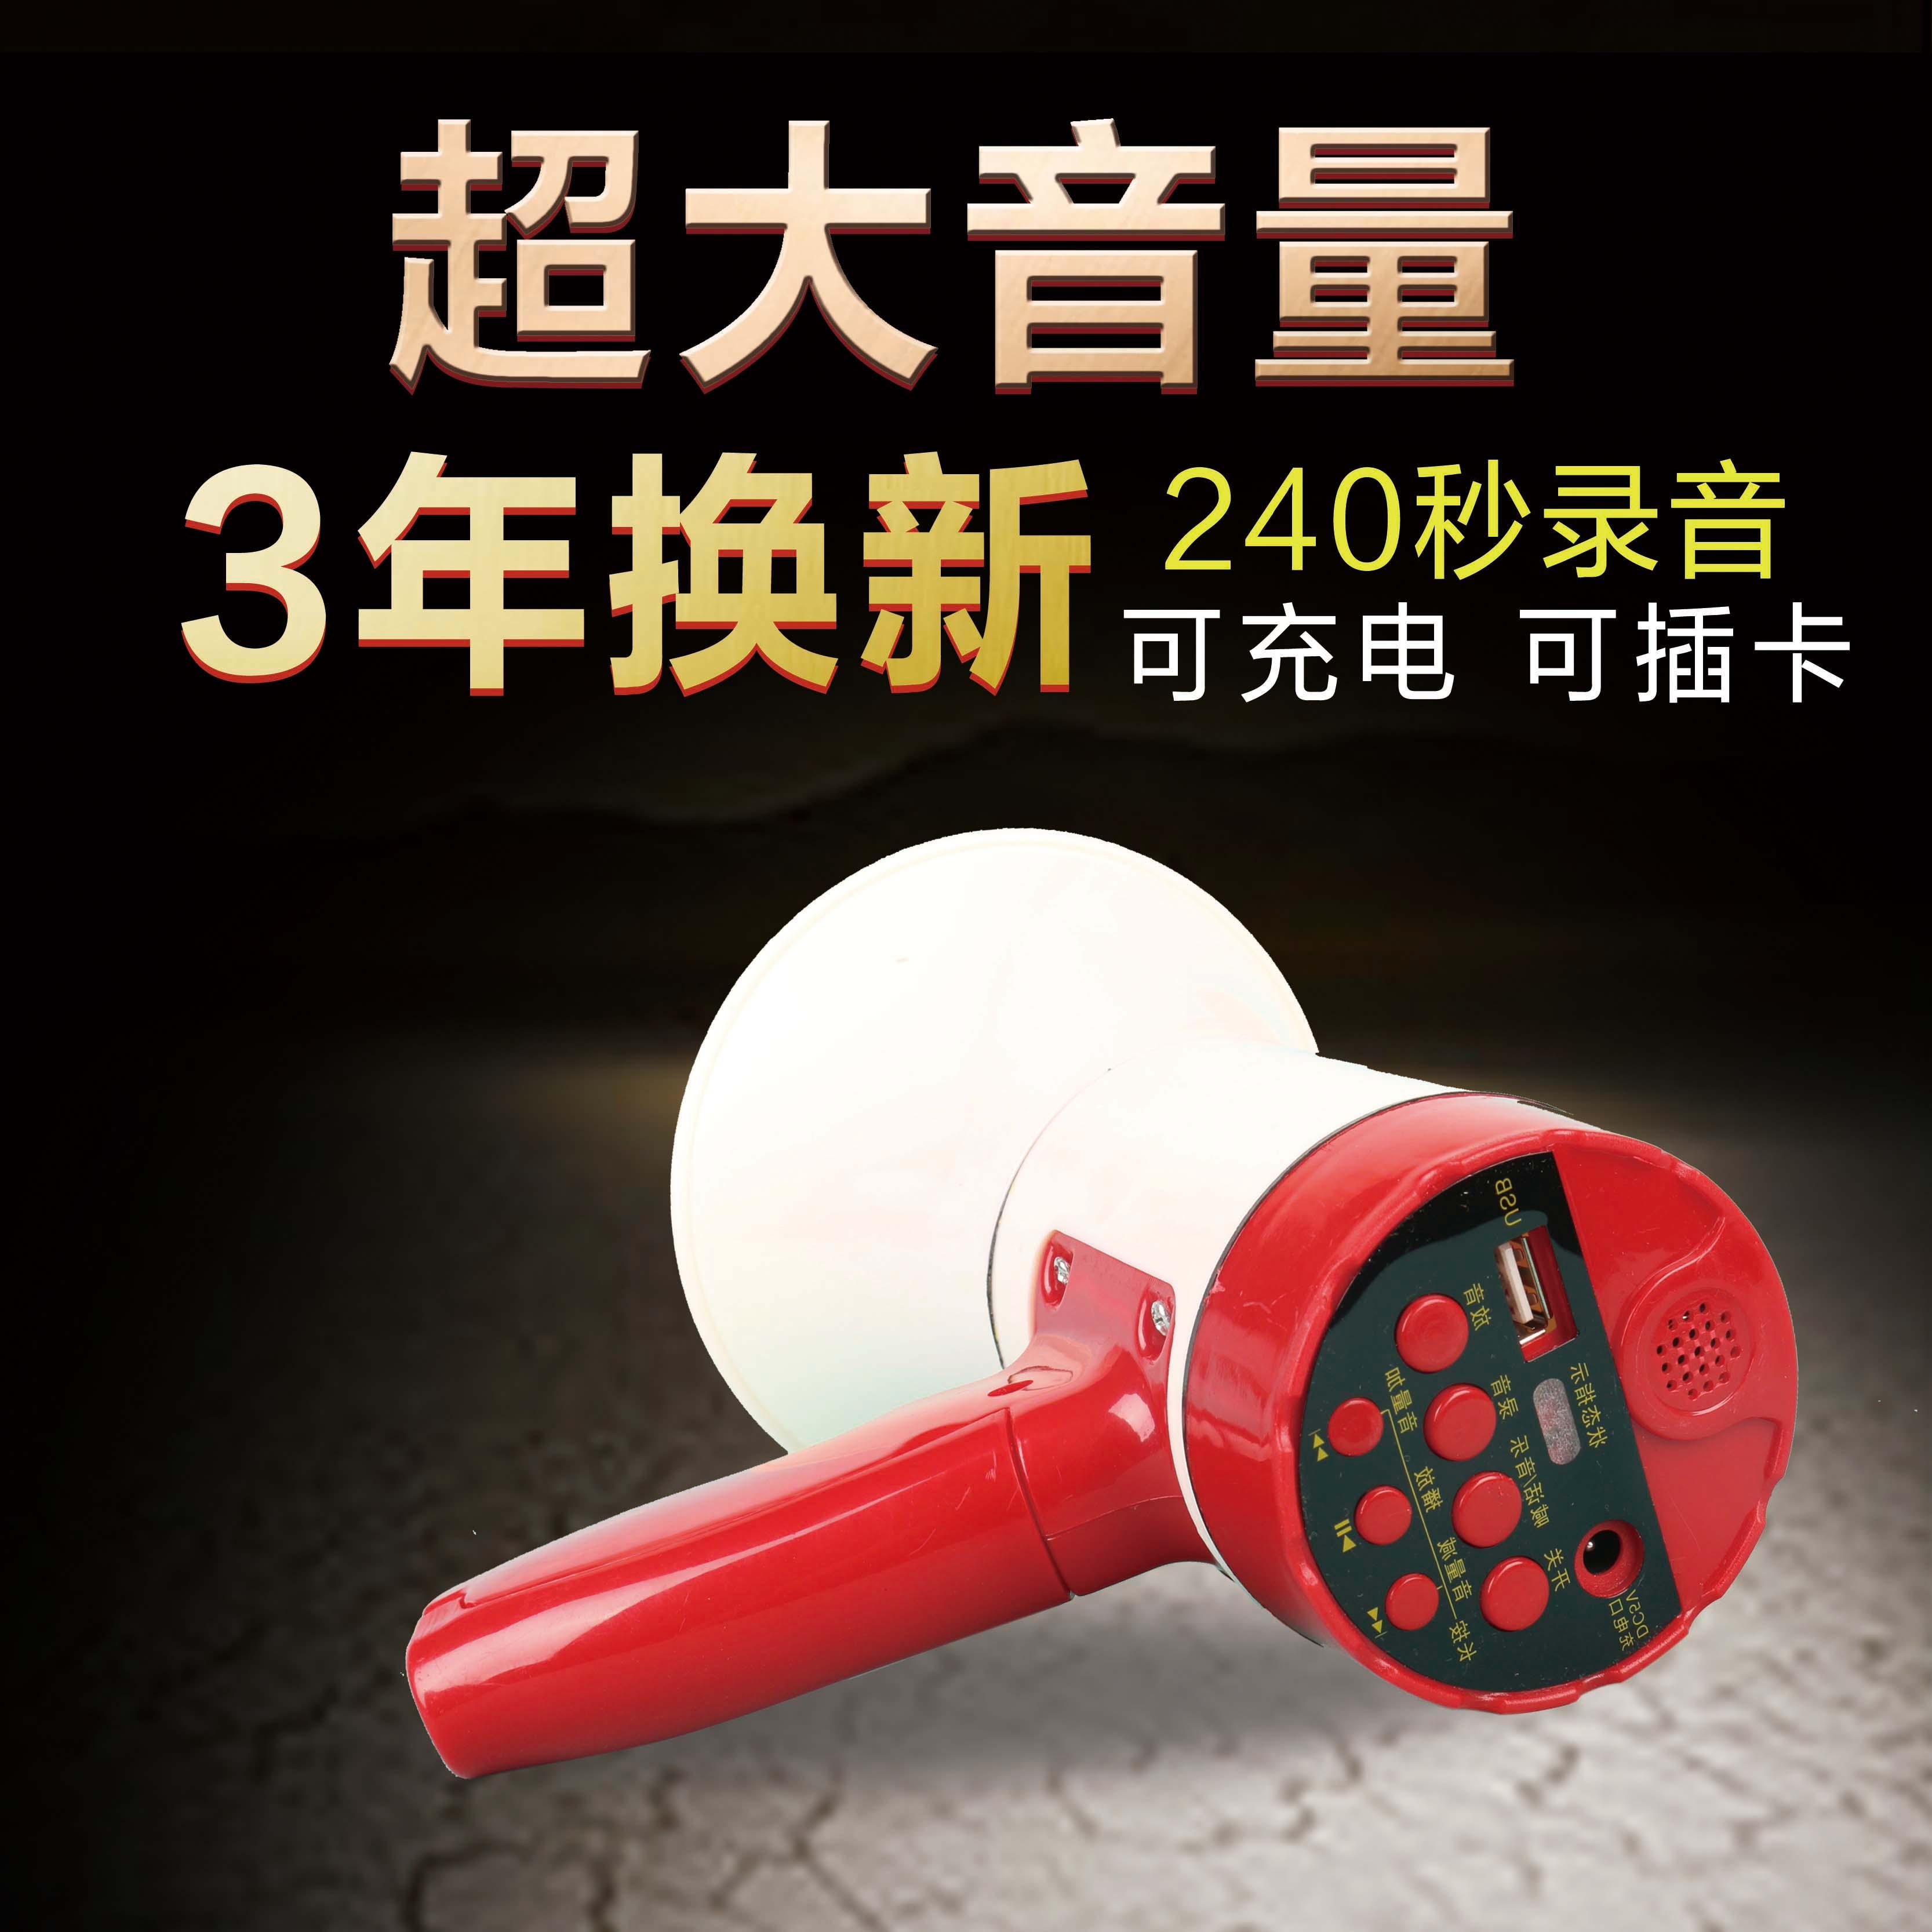 手持锂电喊话器扩音器录音小喇叭扬声器户外充电大功率便携式叫卖